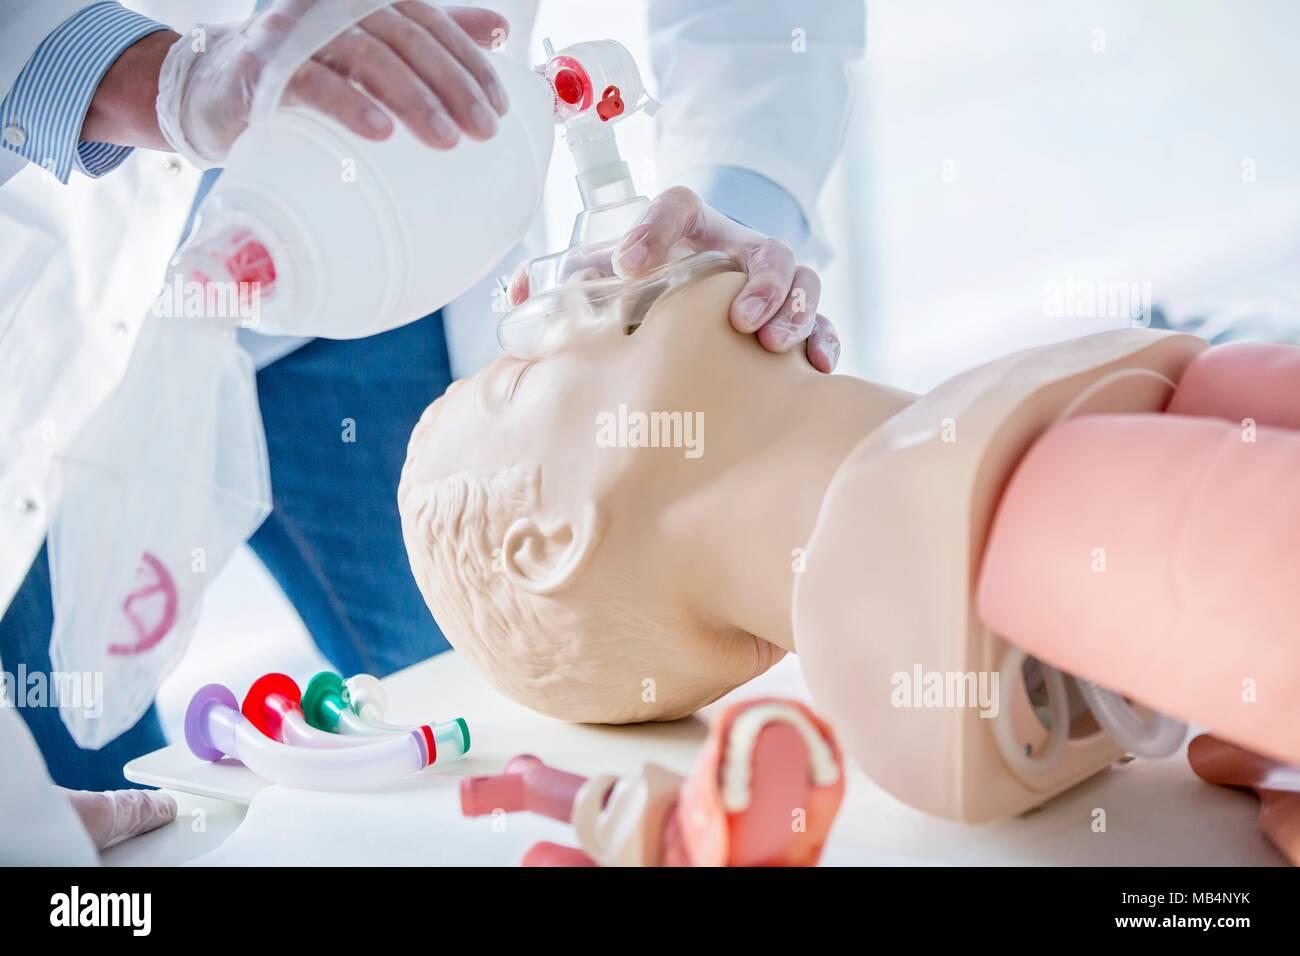 Medico esercitarsi bag--valvola di ventilazione con maschera su un manichino di formazione. Immagini Stock